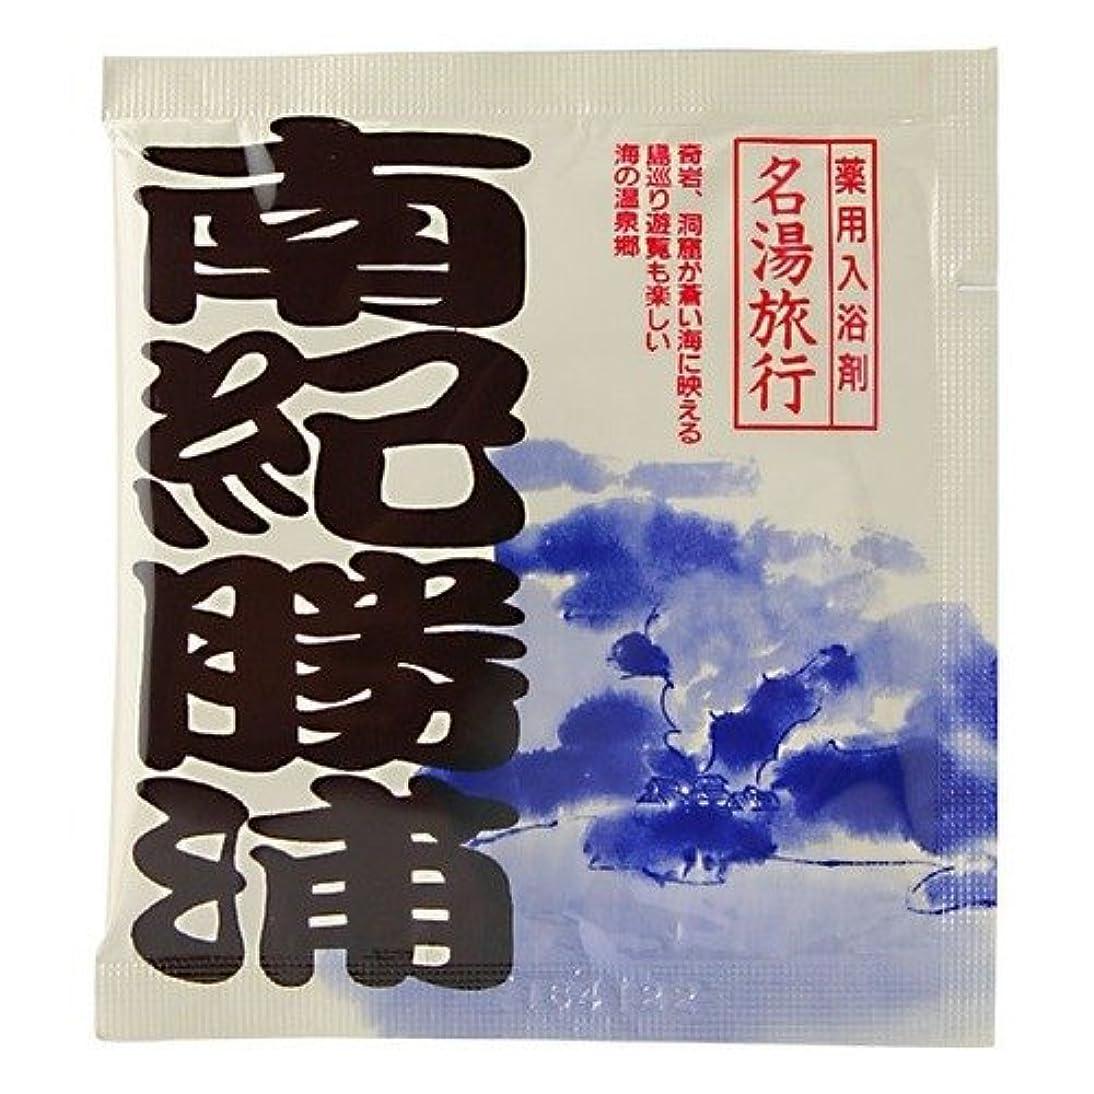 同じパット適合する五洲薬品 名湯旅行 南紀勝浦 25g 4987332126737